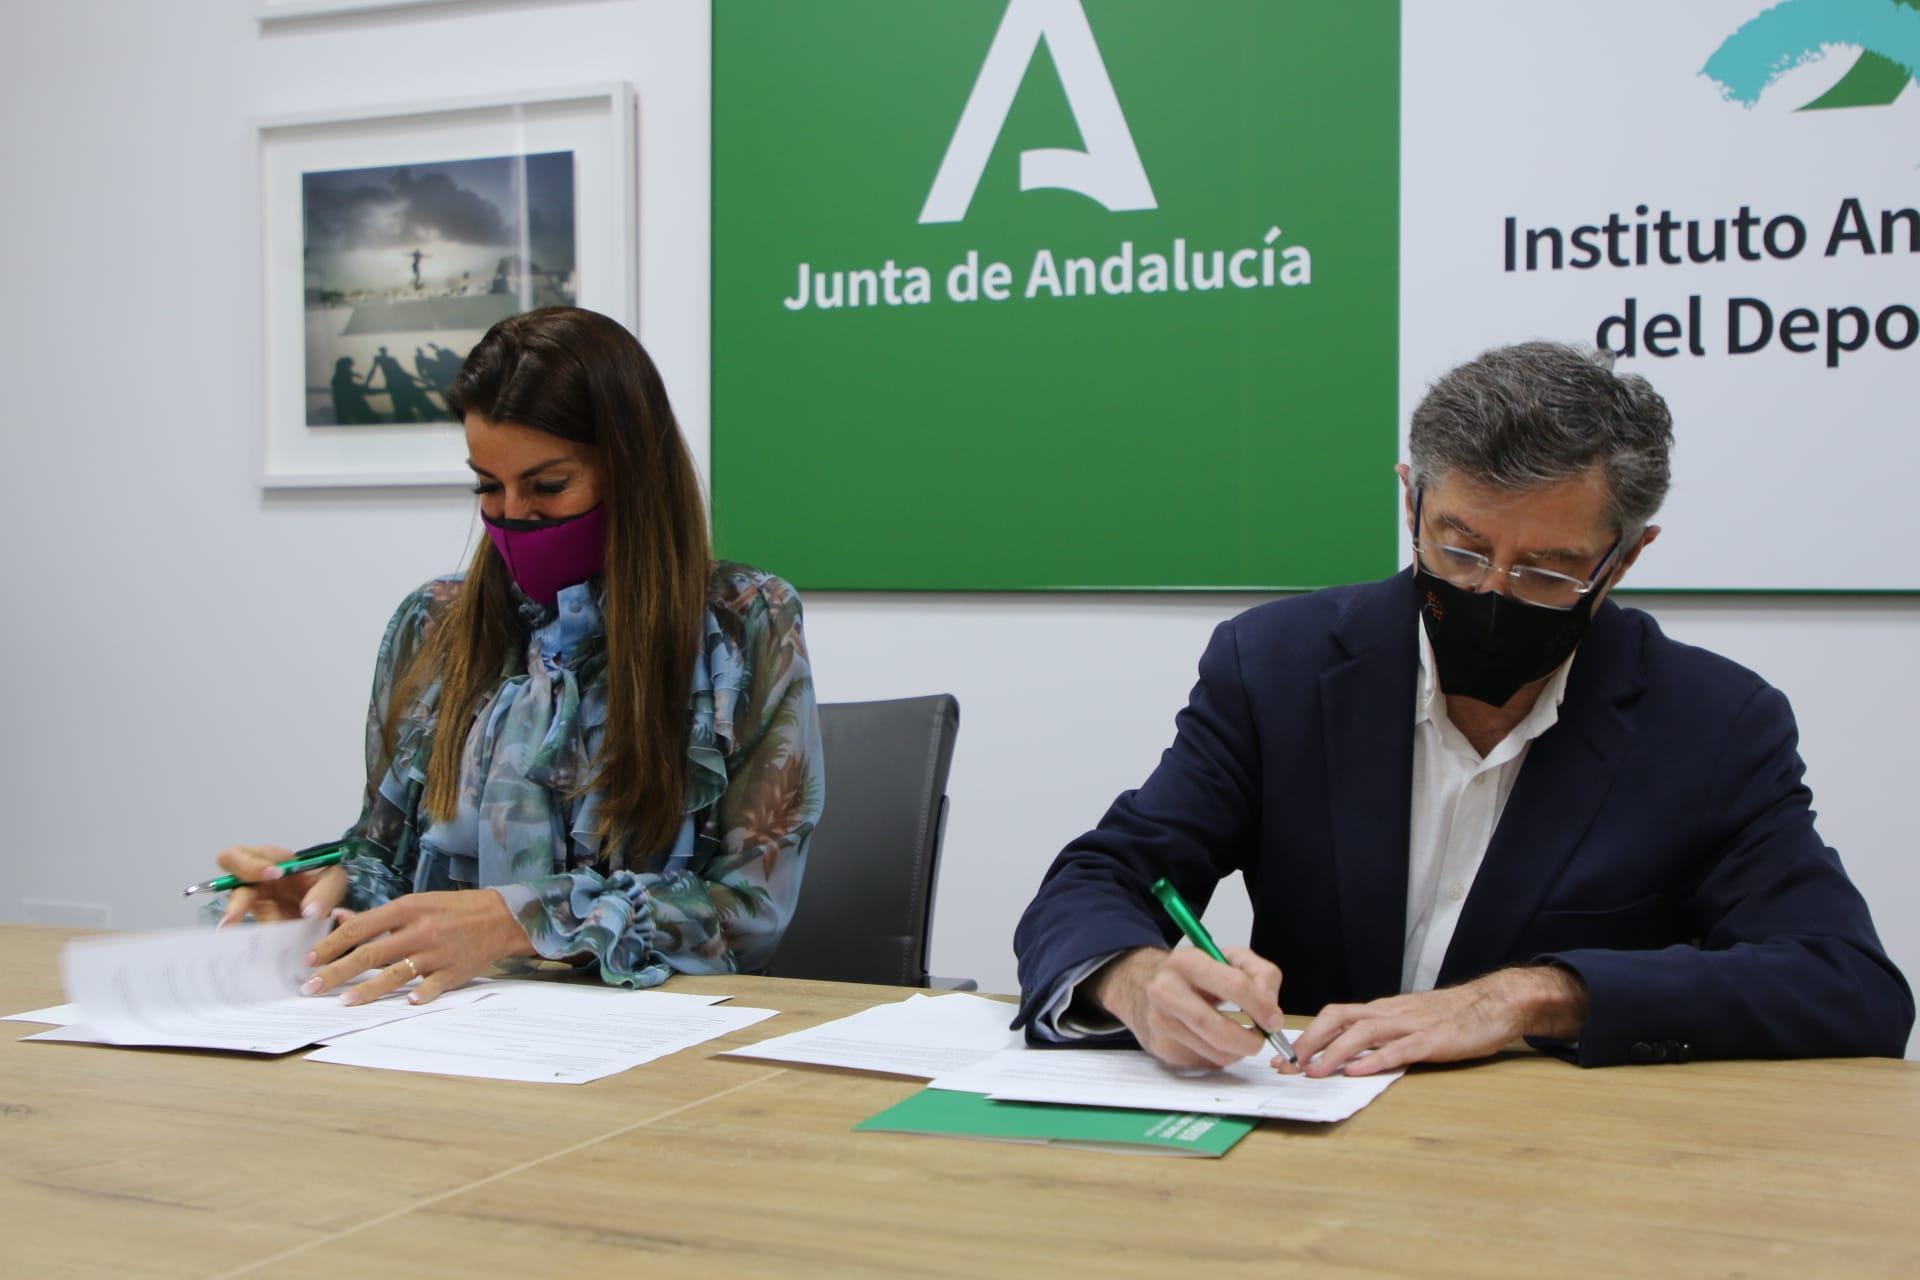 La Consejería de Educación y Deporte y la Asociación de Periodistas Deportivos de Málaga acuerdan la difusión de la formación deportiva del IAD